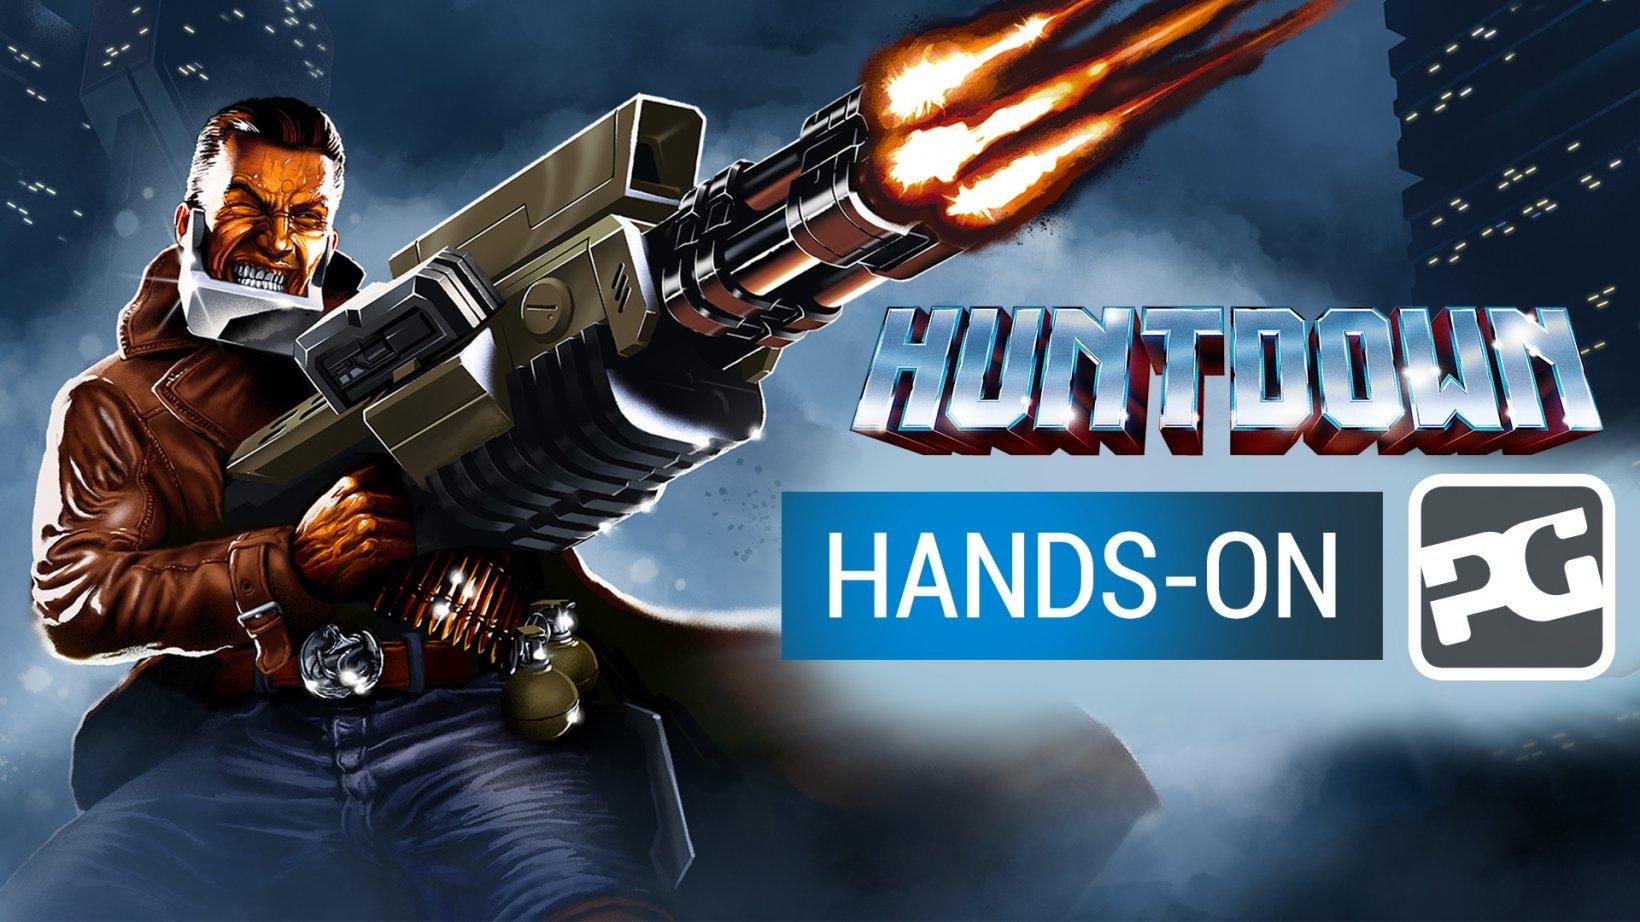 Huntdown - gameplay video